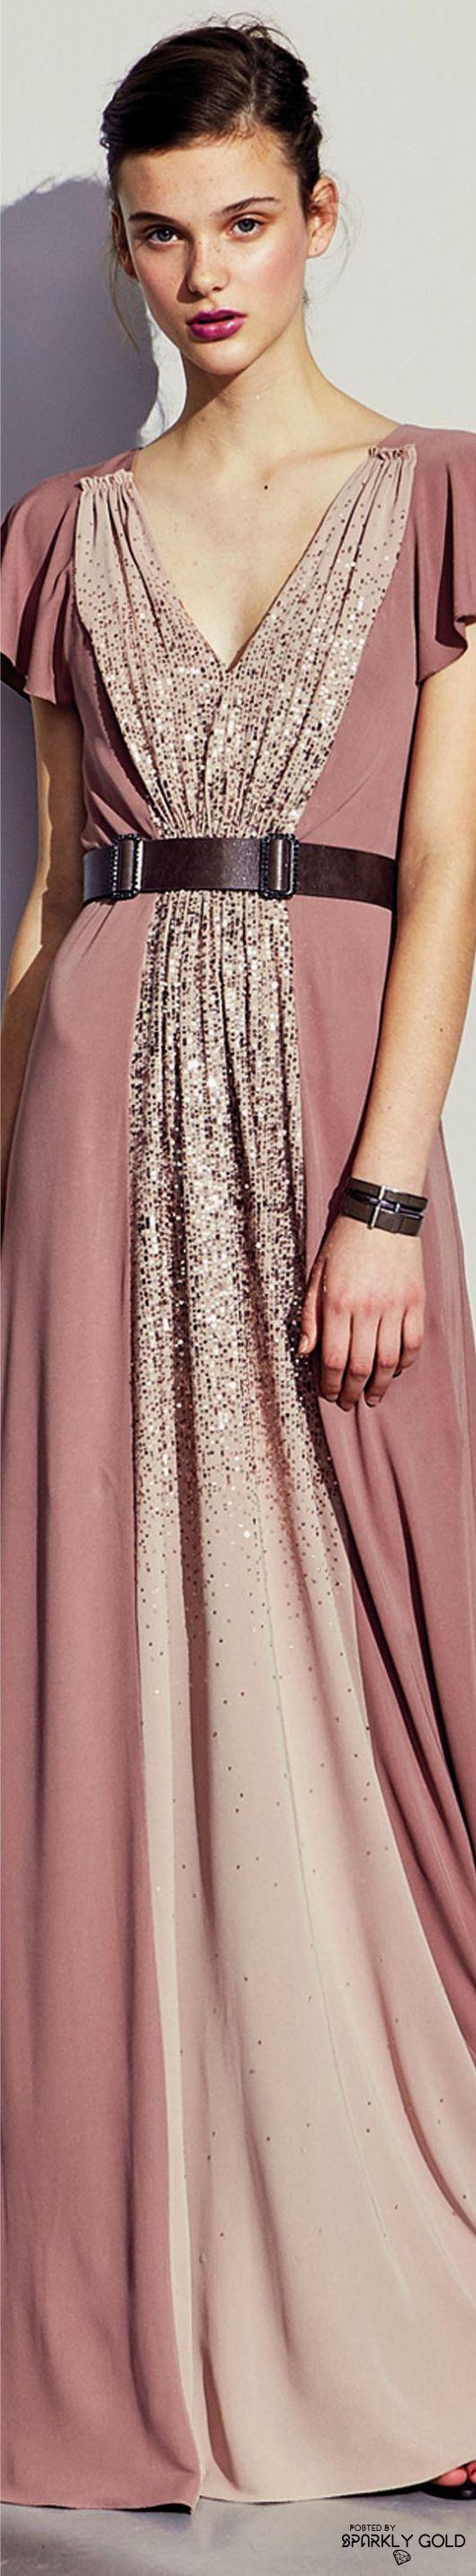 Bottega Veneta Pre-Fall 2017. se o vestido é muito apertado, então pode modifica-lo. Inspire-se neste! e com um tecido a condizer, acrescente uns centimentros.